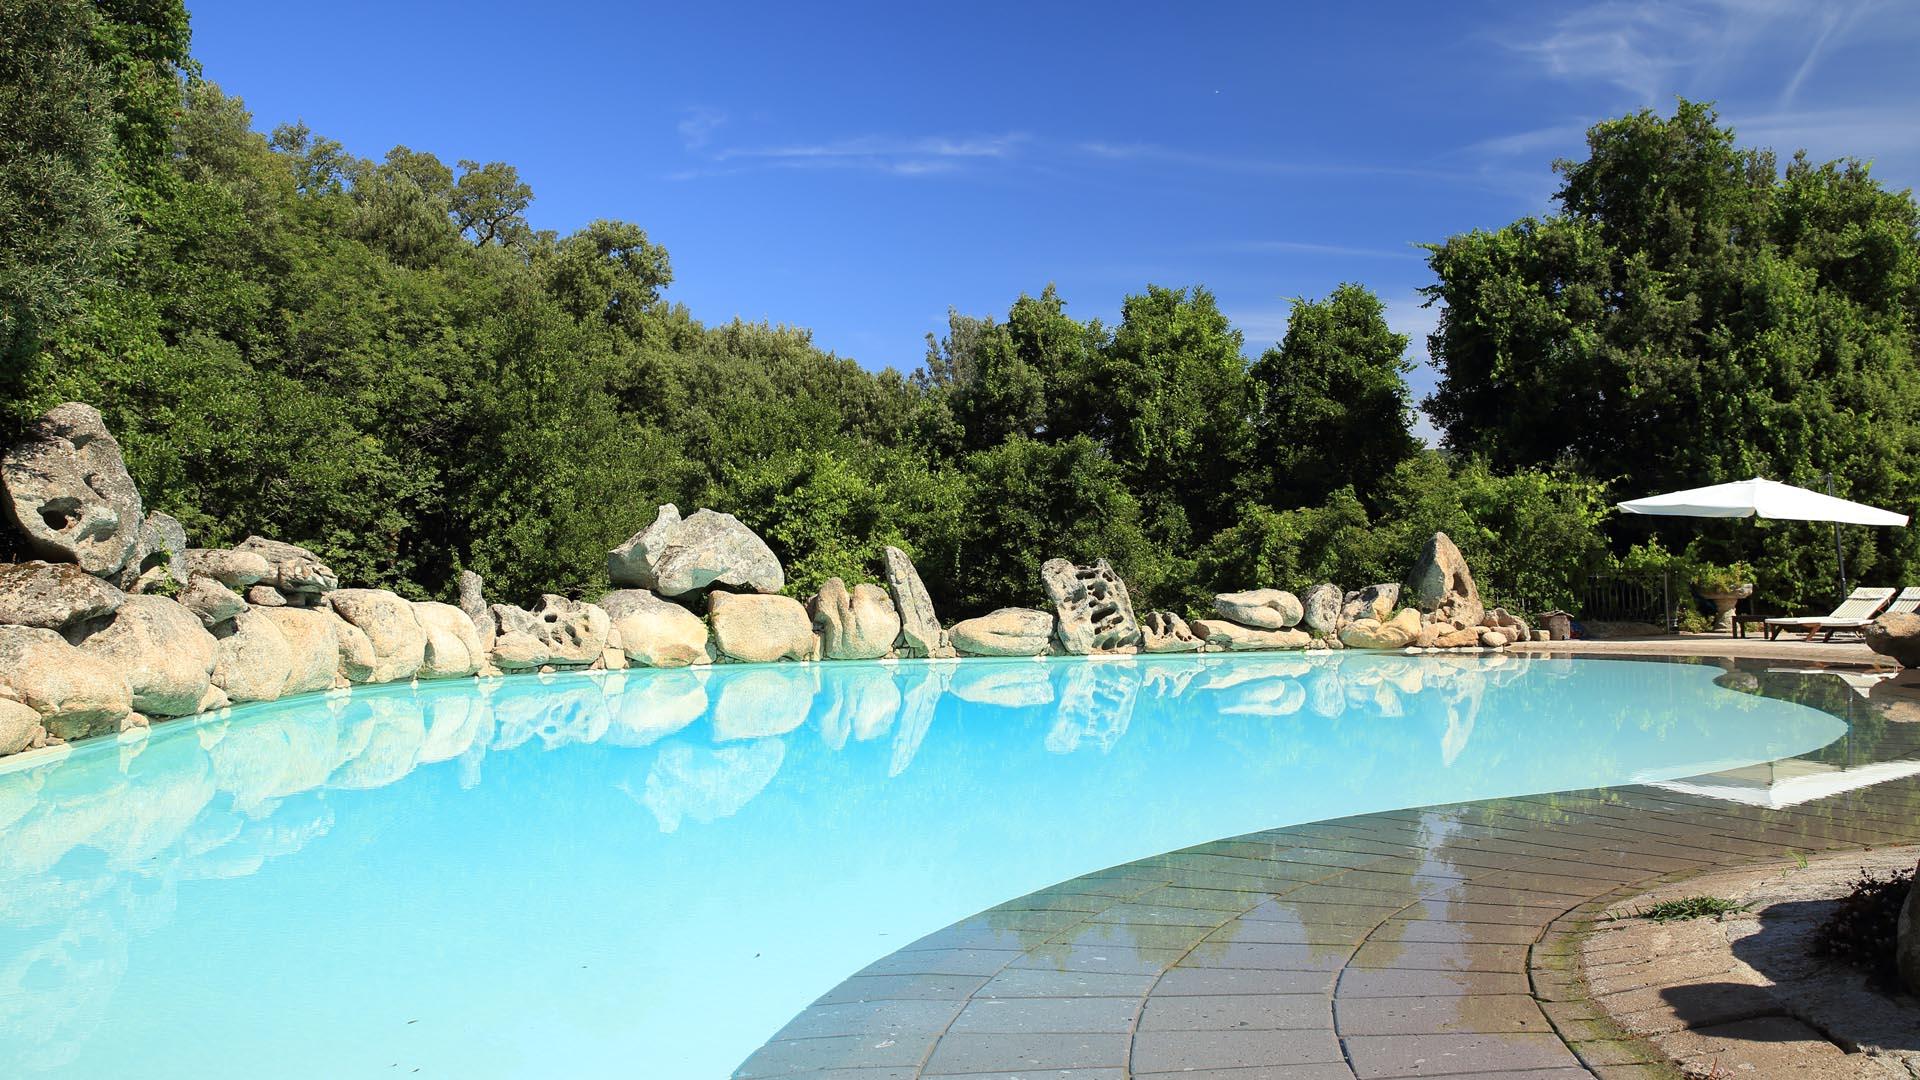 L 39 agnata di de andr hotel con piscina in sardegna - Hotel torino con piscina ...